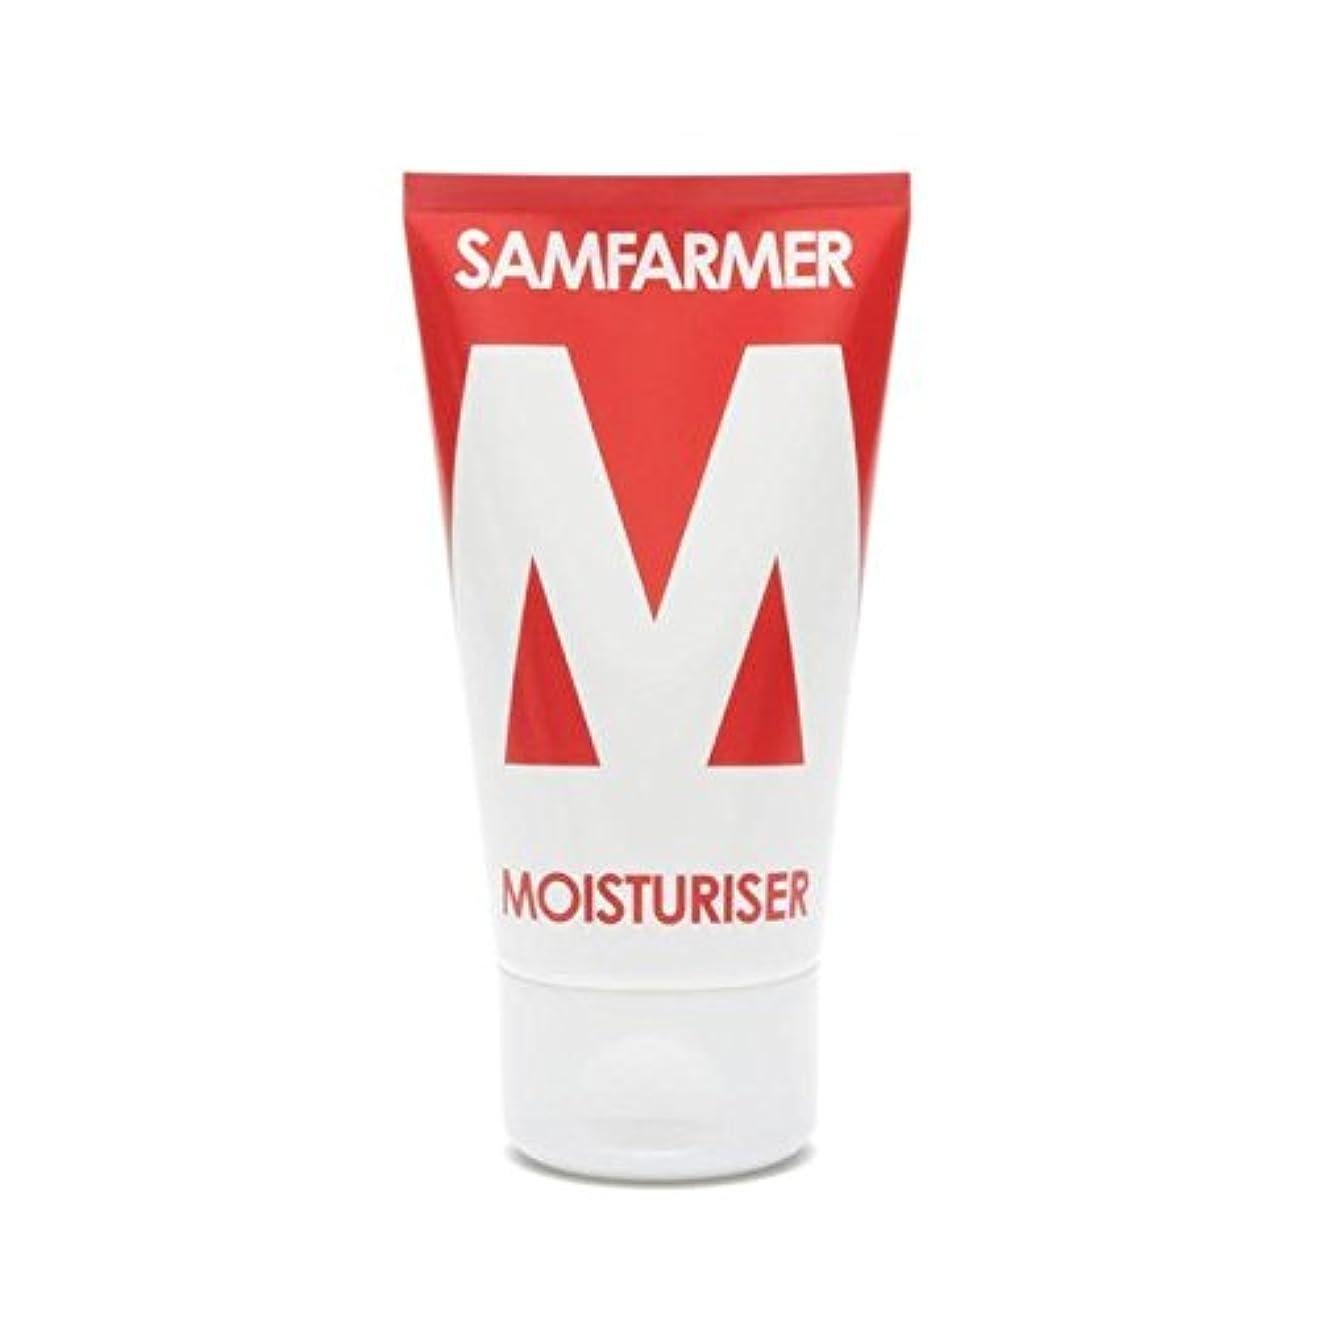 ありがたい毎週組み合わせるSAMFARMER Unisex Moisturiser 50ml (Pack of 6) - ユニセックス保湿50ミリリットル x6 [並行輸入品]